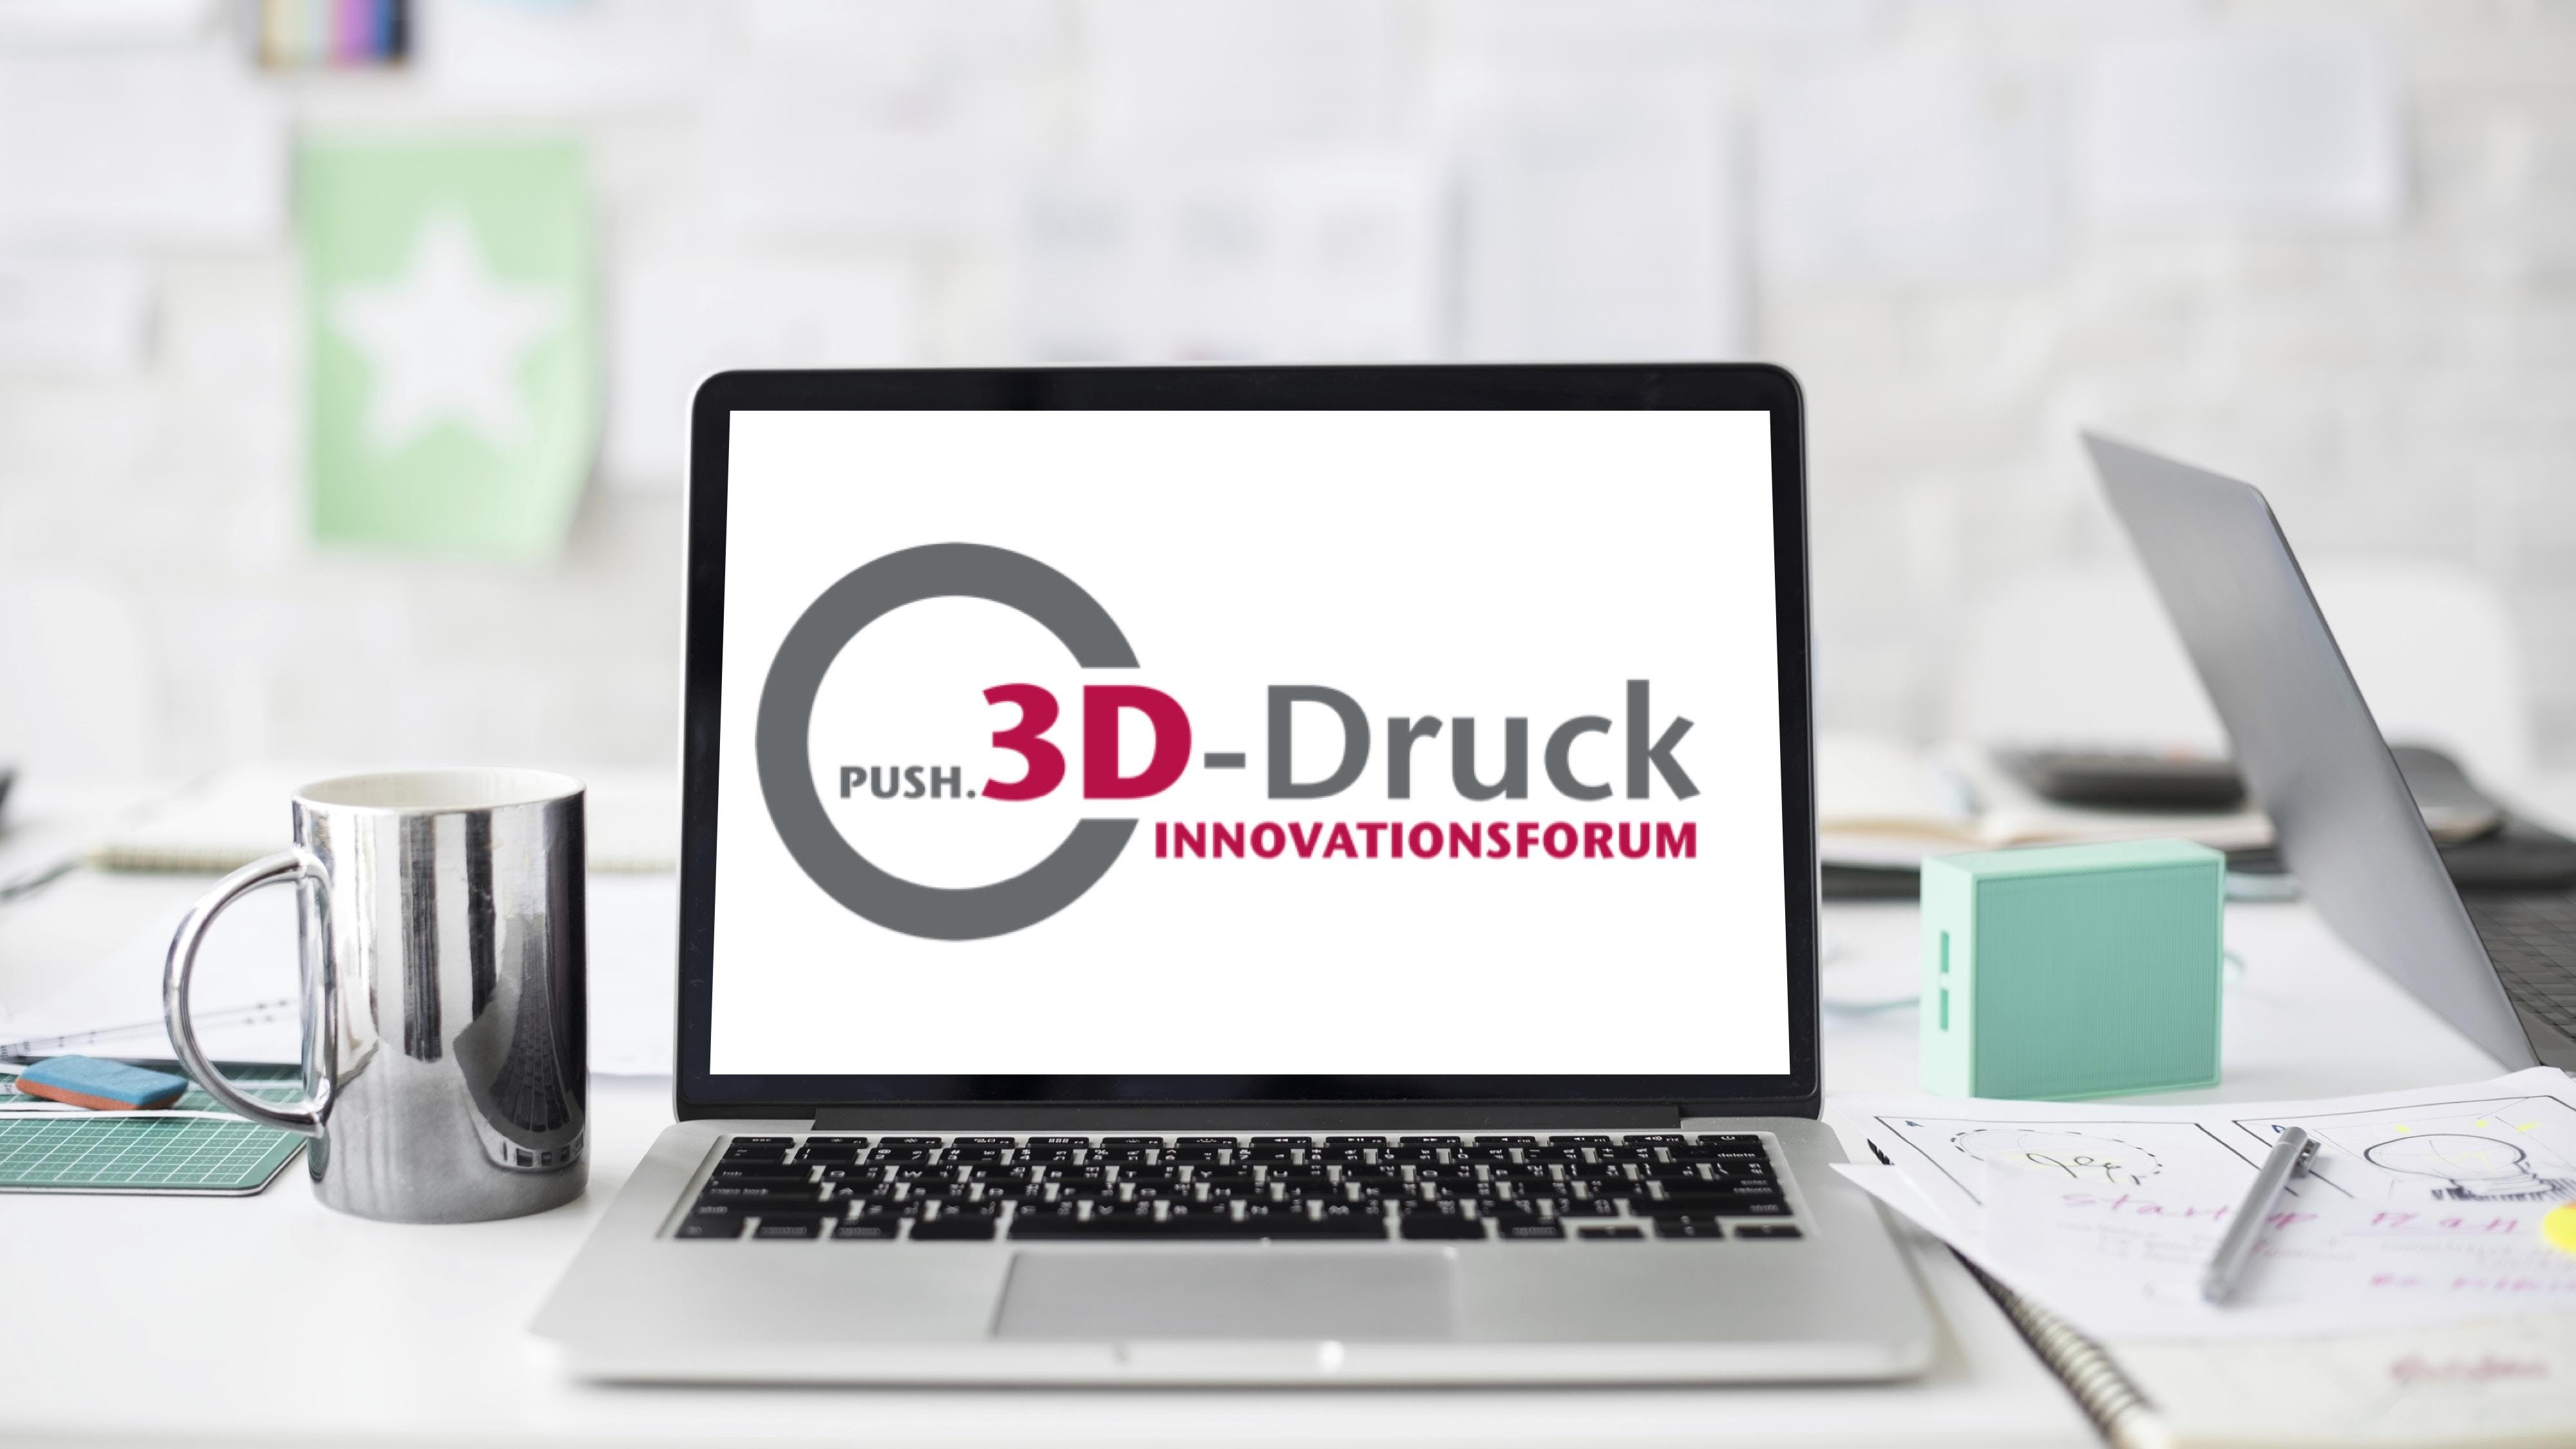 Innovationsforum PUSH.3D-Druck 2018